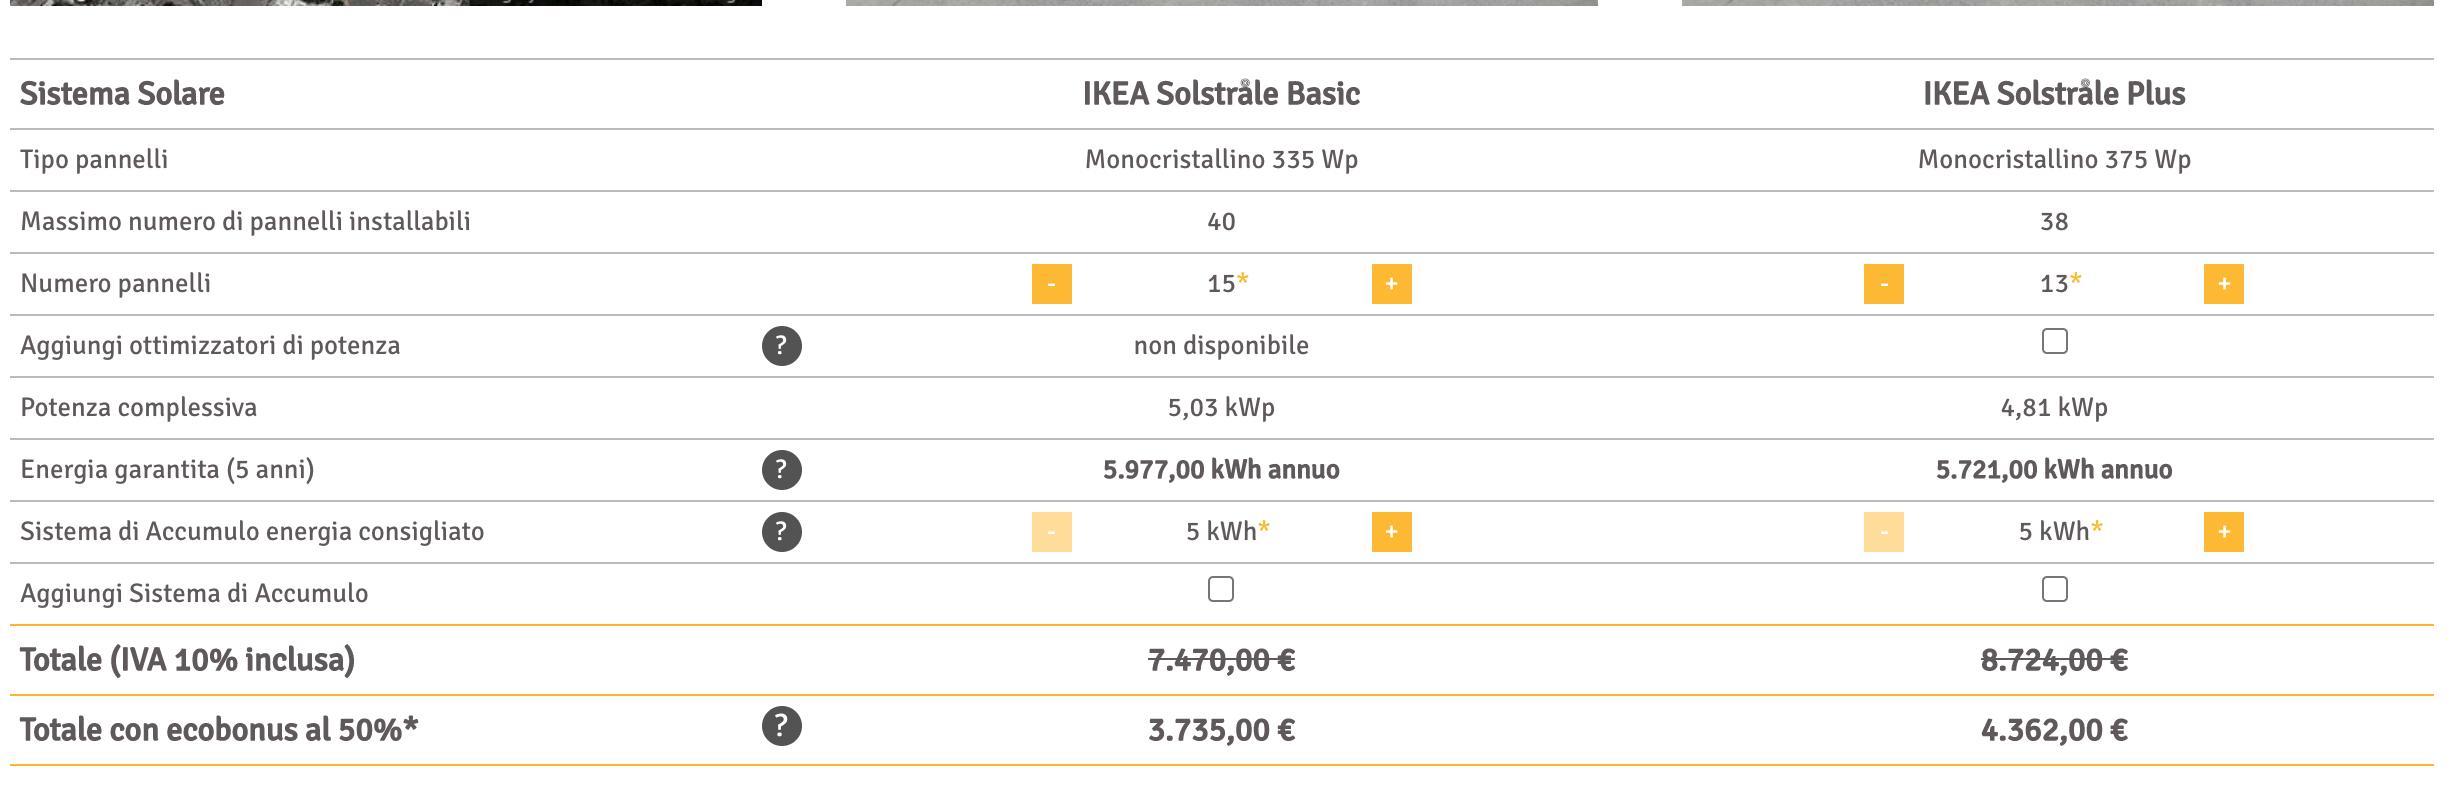 configuratore ikea pannelli solari - Makezone.com